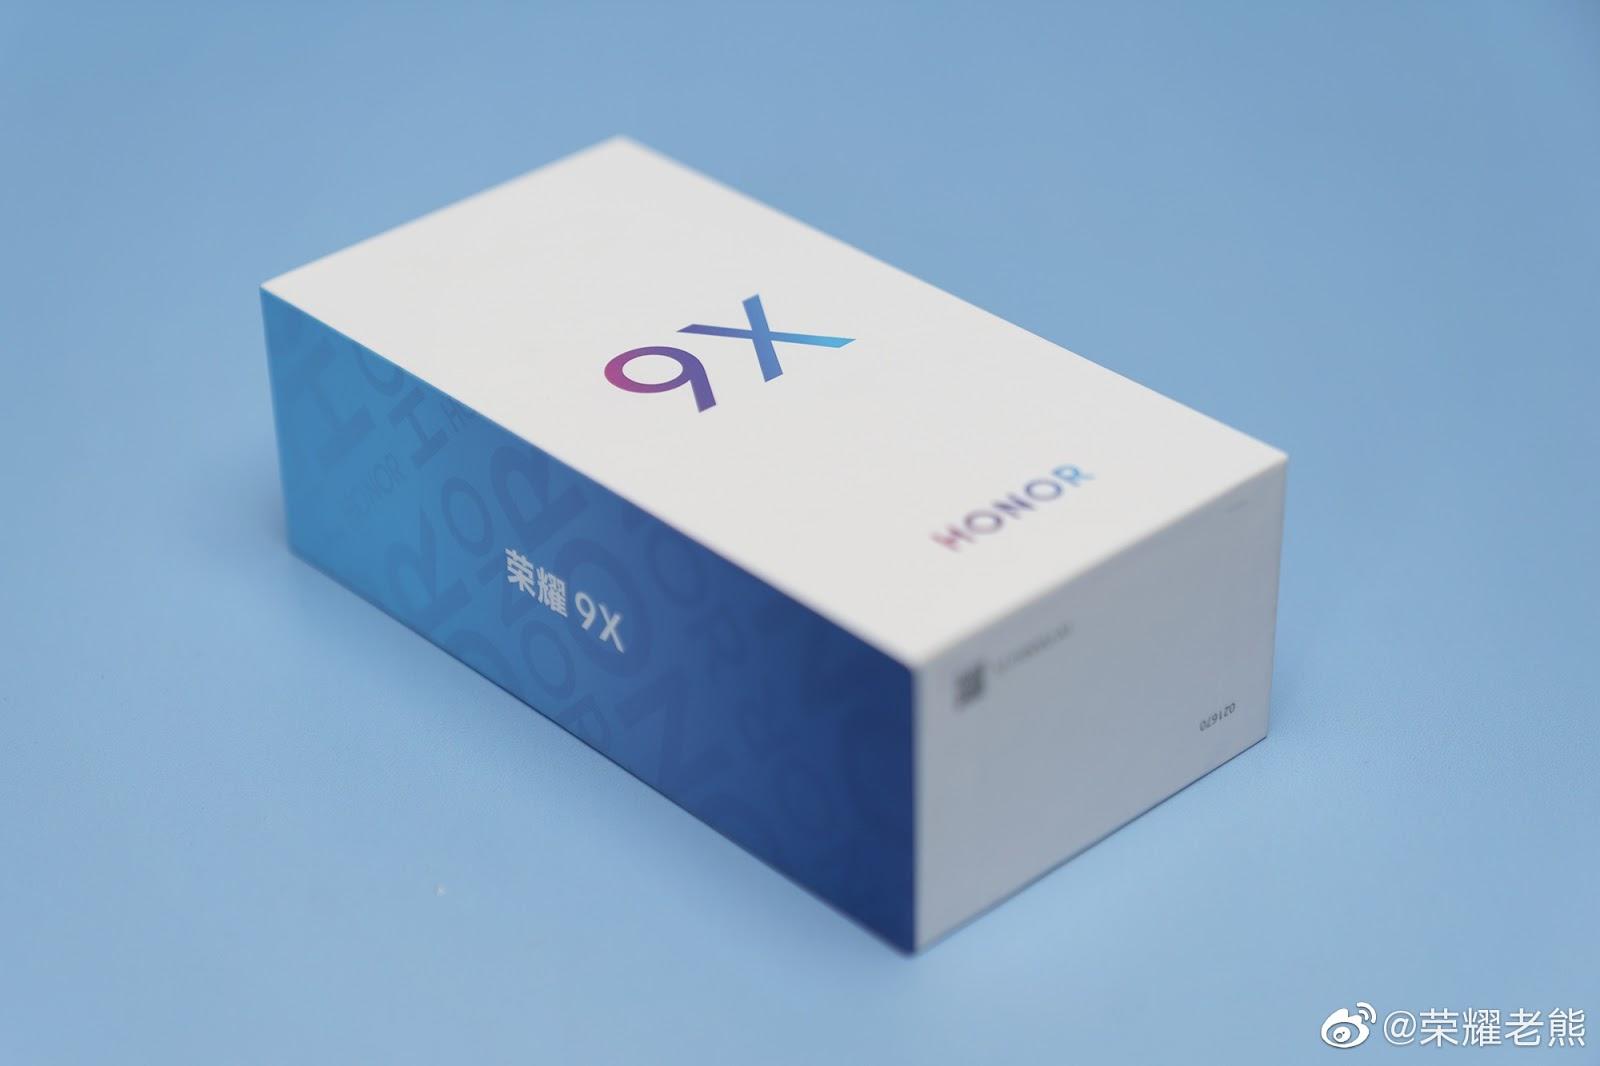 علبة الهاتف Honor 9X تلمح إلى أنه سيأتي بلون أزرق متدرج